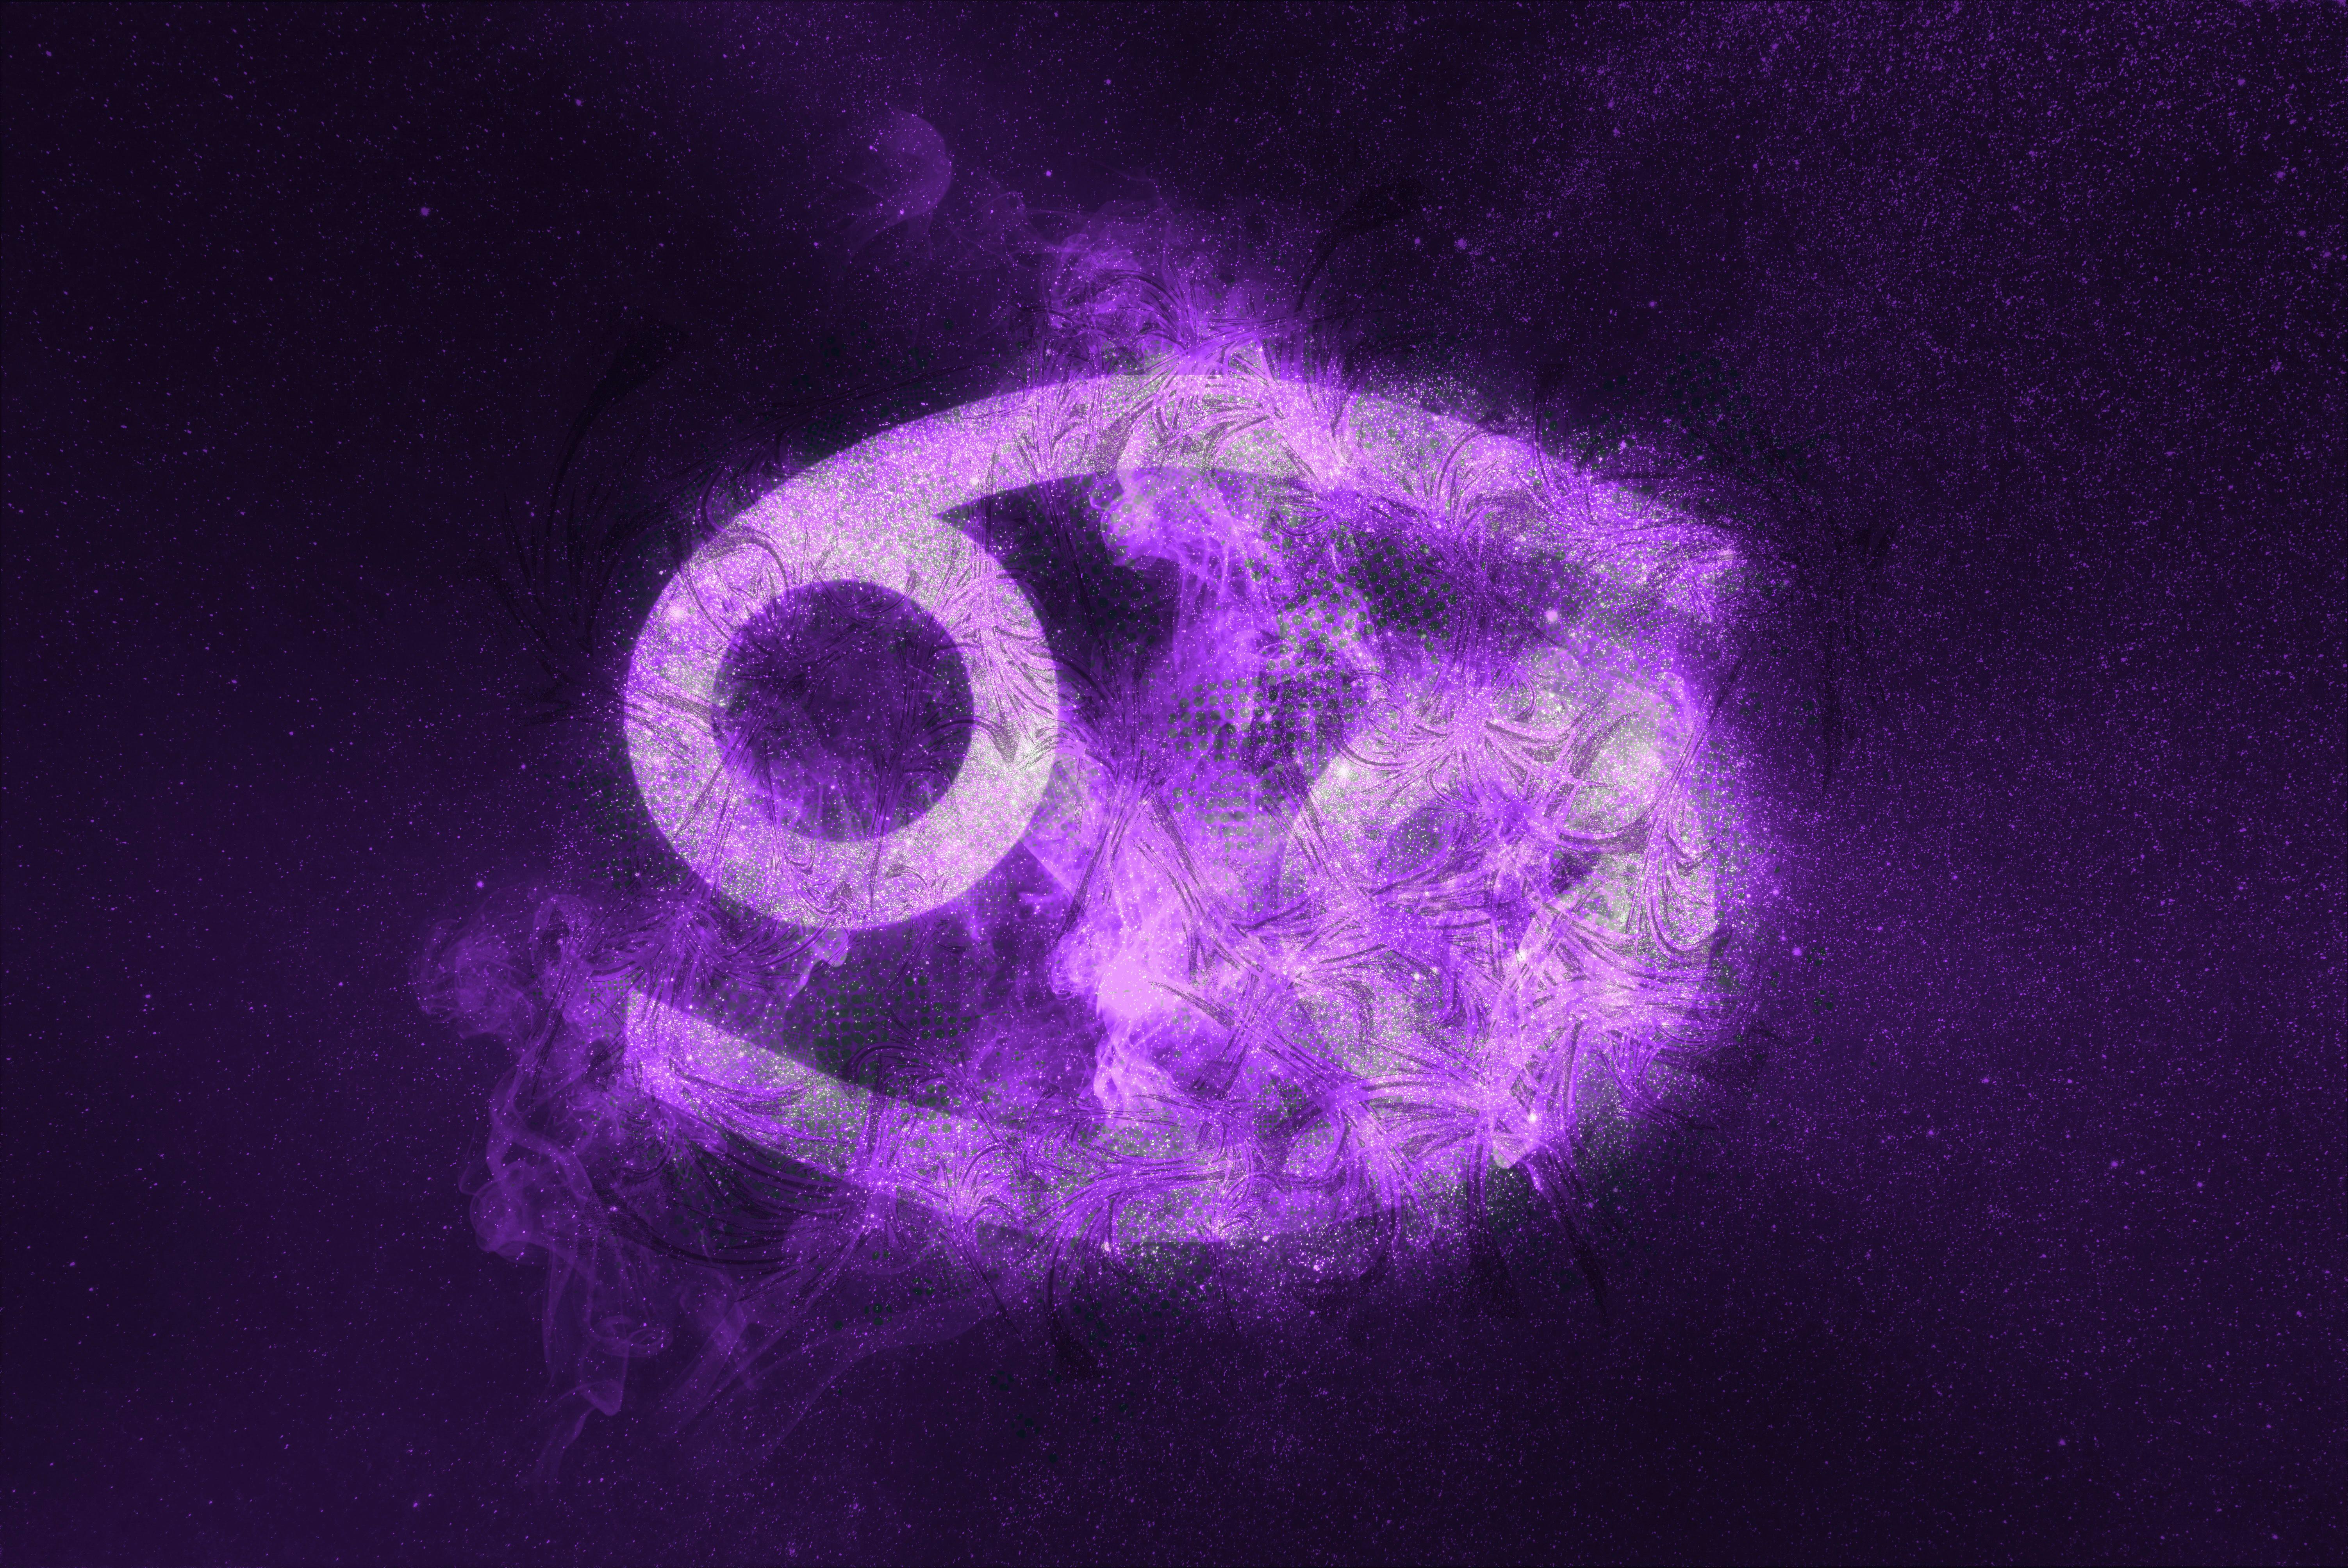 Ángel guardián de Cáncer: Quién es y cómo invocarlo